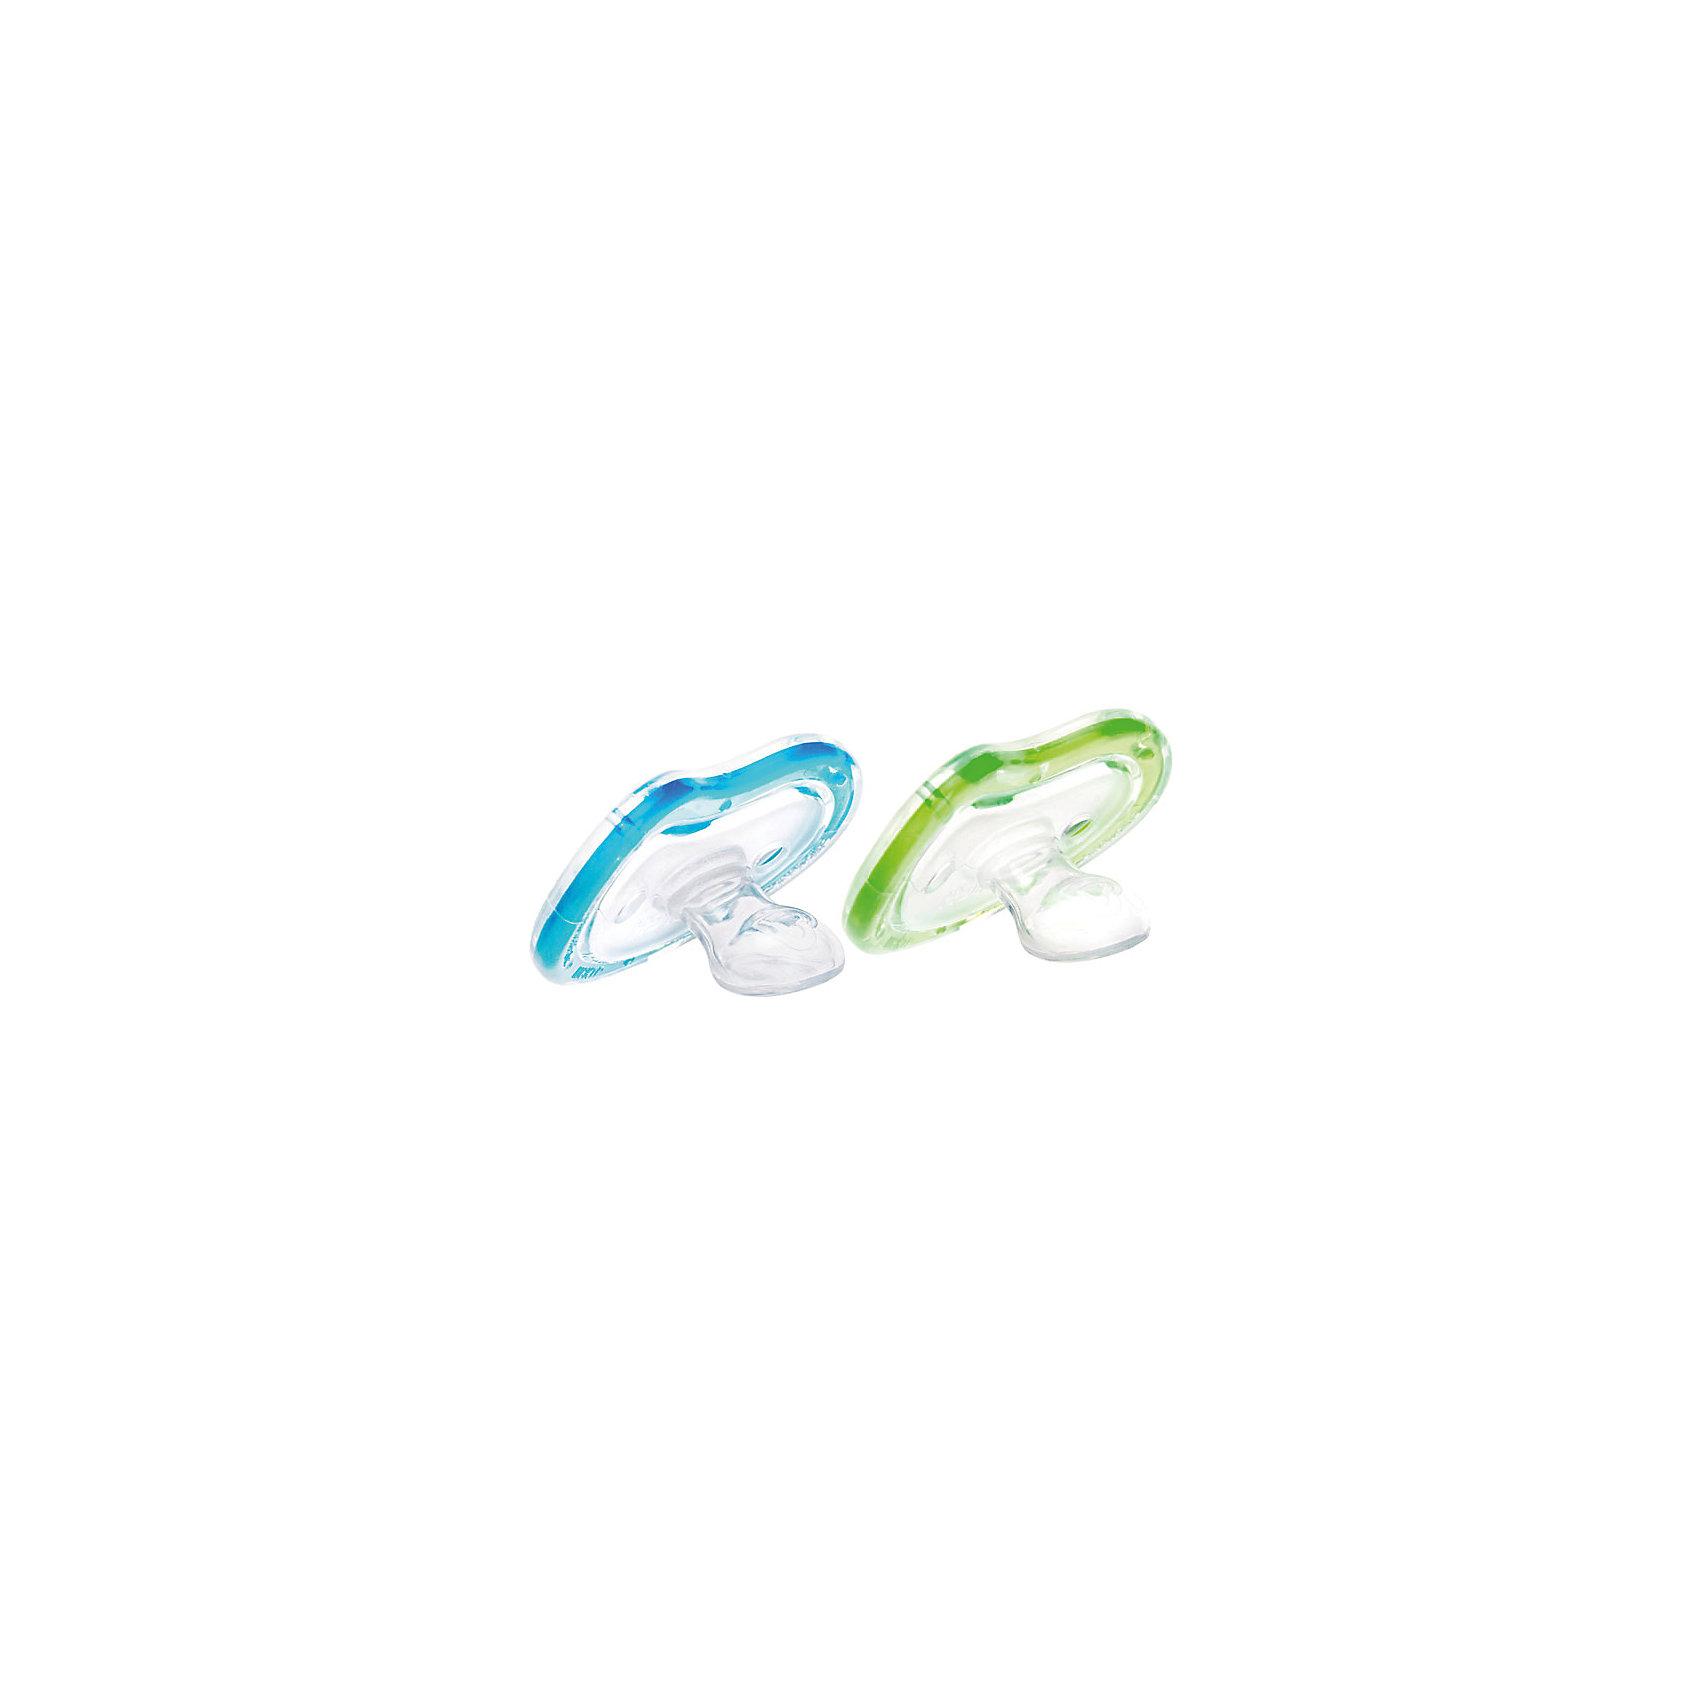 Пустышка силиконовая LATCH , 2шт., MunchkinПустышки из силикона<br>Пустышка силиконовая LATCH , 2шт., Munchkin (Манчкин)<br><br>Характеристики:<br><br>• повторяет форму материнской груди<br>• легкая и удобная<br>• помогает зубам формироваться правильно<br>• диск не травмирует носик малыша<br>• не содержит бисфенол А<br>• подходит для детей с 3 месяцев<br>• материал: силикон<br>• в комплекте: 2 пустышки<br>• размер упаковки: 12х6х13 см<br>• вес: 100 грамм<br><br>Пустышки LATCH рекомендованы для детей с трех до шести месяцев. Соска из силикона имеет форму, напоминающую сосок женской груди. Она поможет зубам правильно формироваться. Основание пустышки имеет форму сердечка. Оно не давит и не травмирует носик крохи, позволяя свободно дышать. Пустышки изготовлены из силикона, не содержат бисфенол А.<br><br>Пустышку силиконовую LATCH , 2шт., Munchkin (Манчкин) можно купить в нашем интернет-магазине.<br><br>Ширина мм: 120<br>Глубина мм: 130<br>Высота мм: 70<br>Вес г: 50<br>Возраст от месяцев: 3<br>Возраст до месяцев: 12<br>Пол: Унисекс<br>Возраст: Детский<br>SKU: 5507250